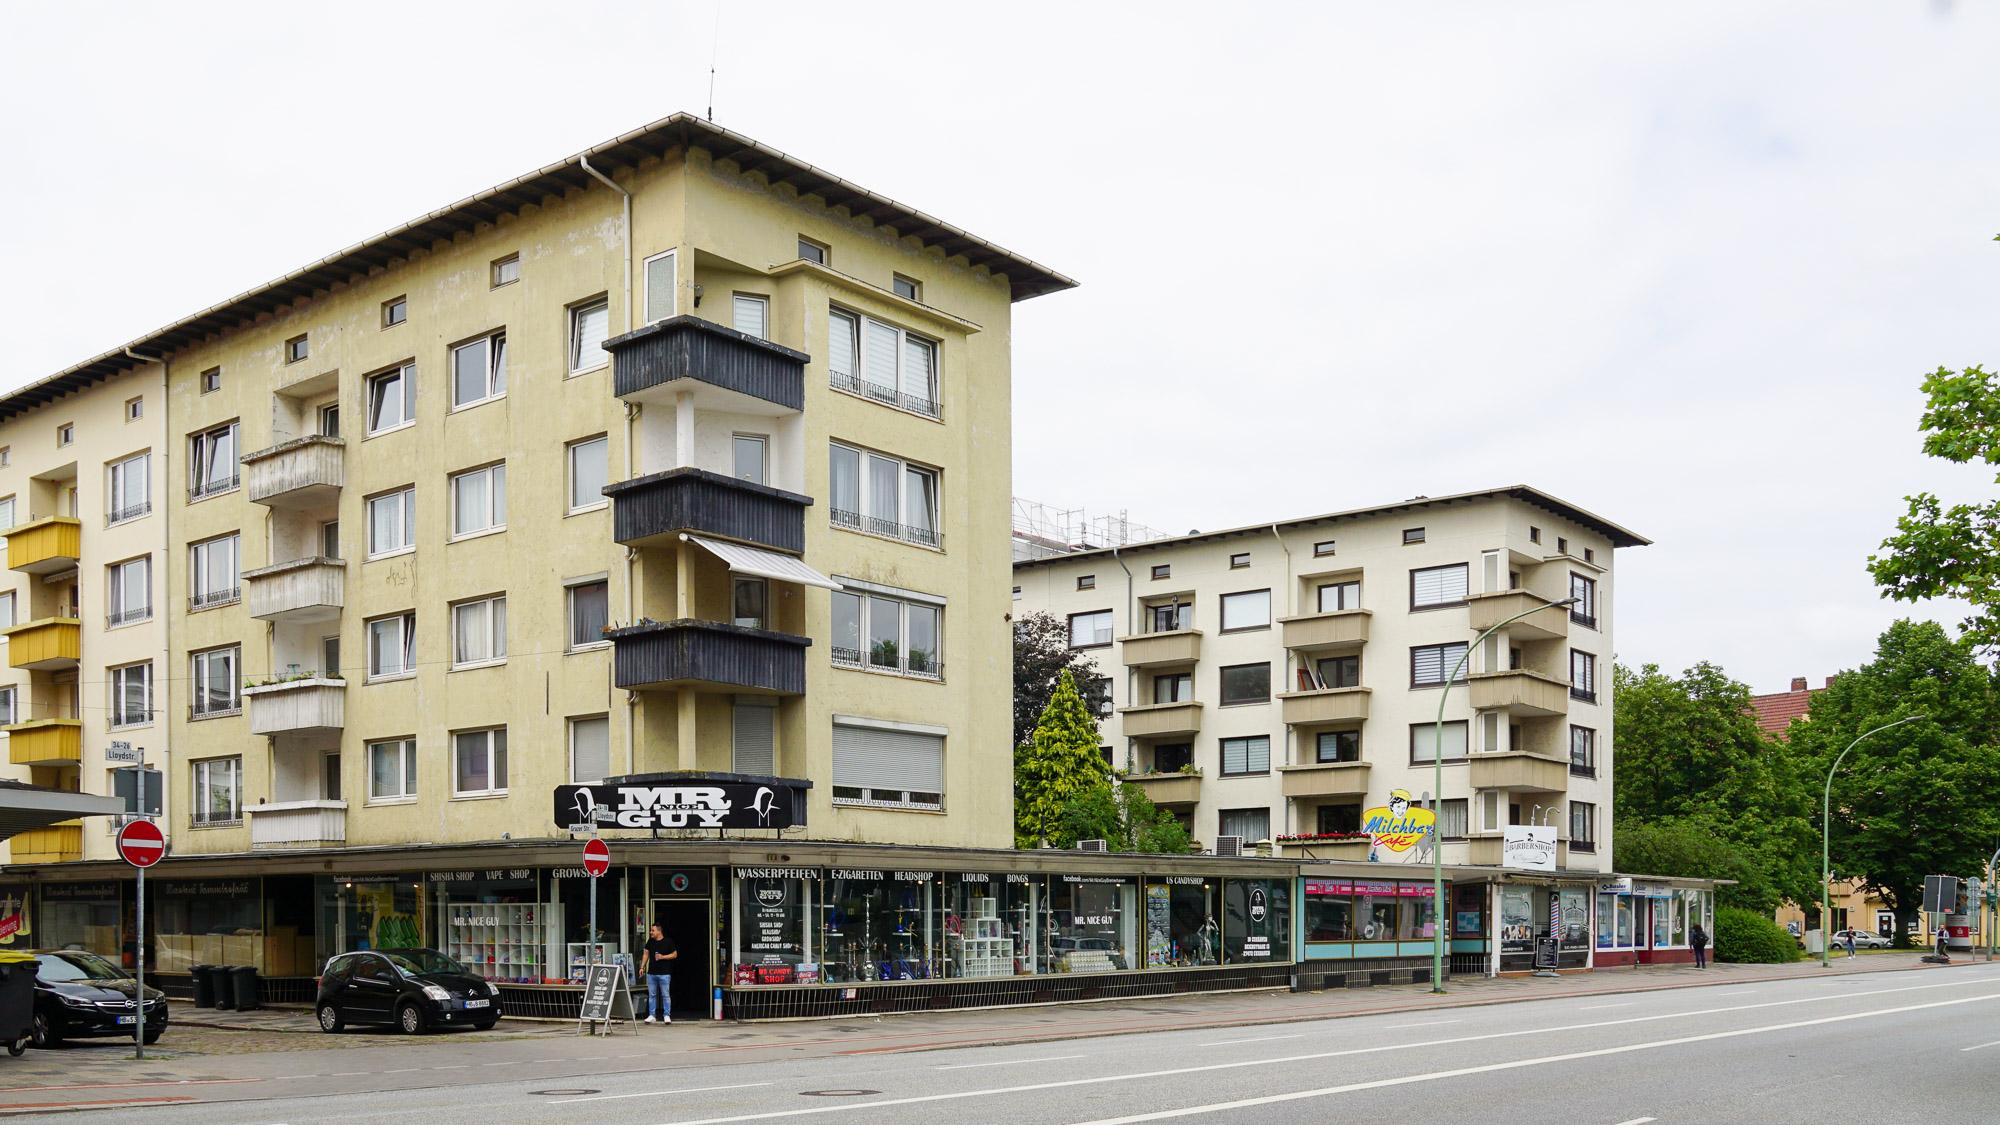 Wohn- und Geschäftshaus der 50er Jahre